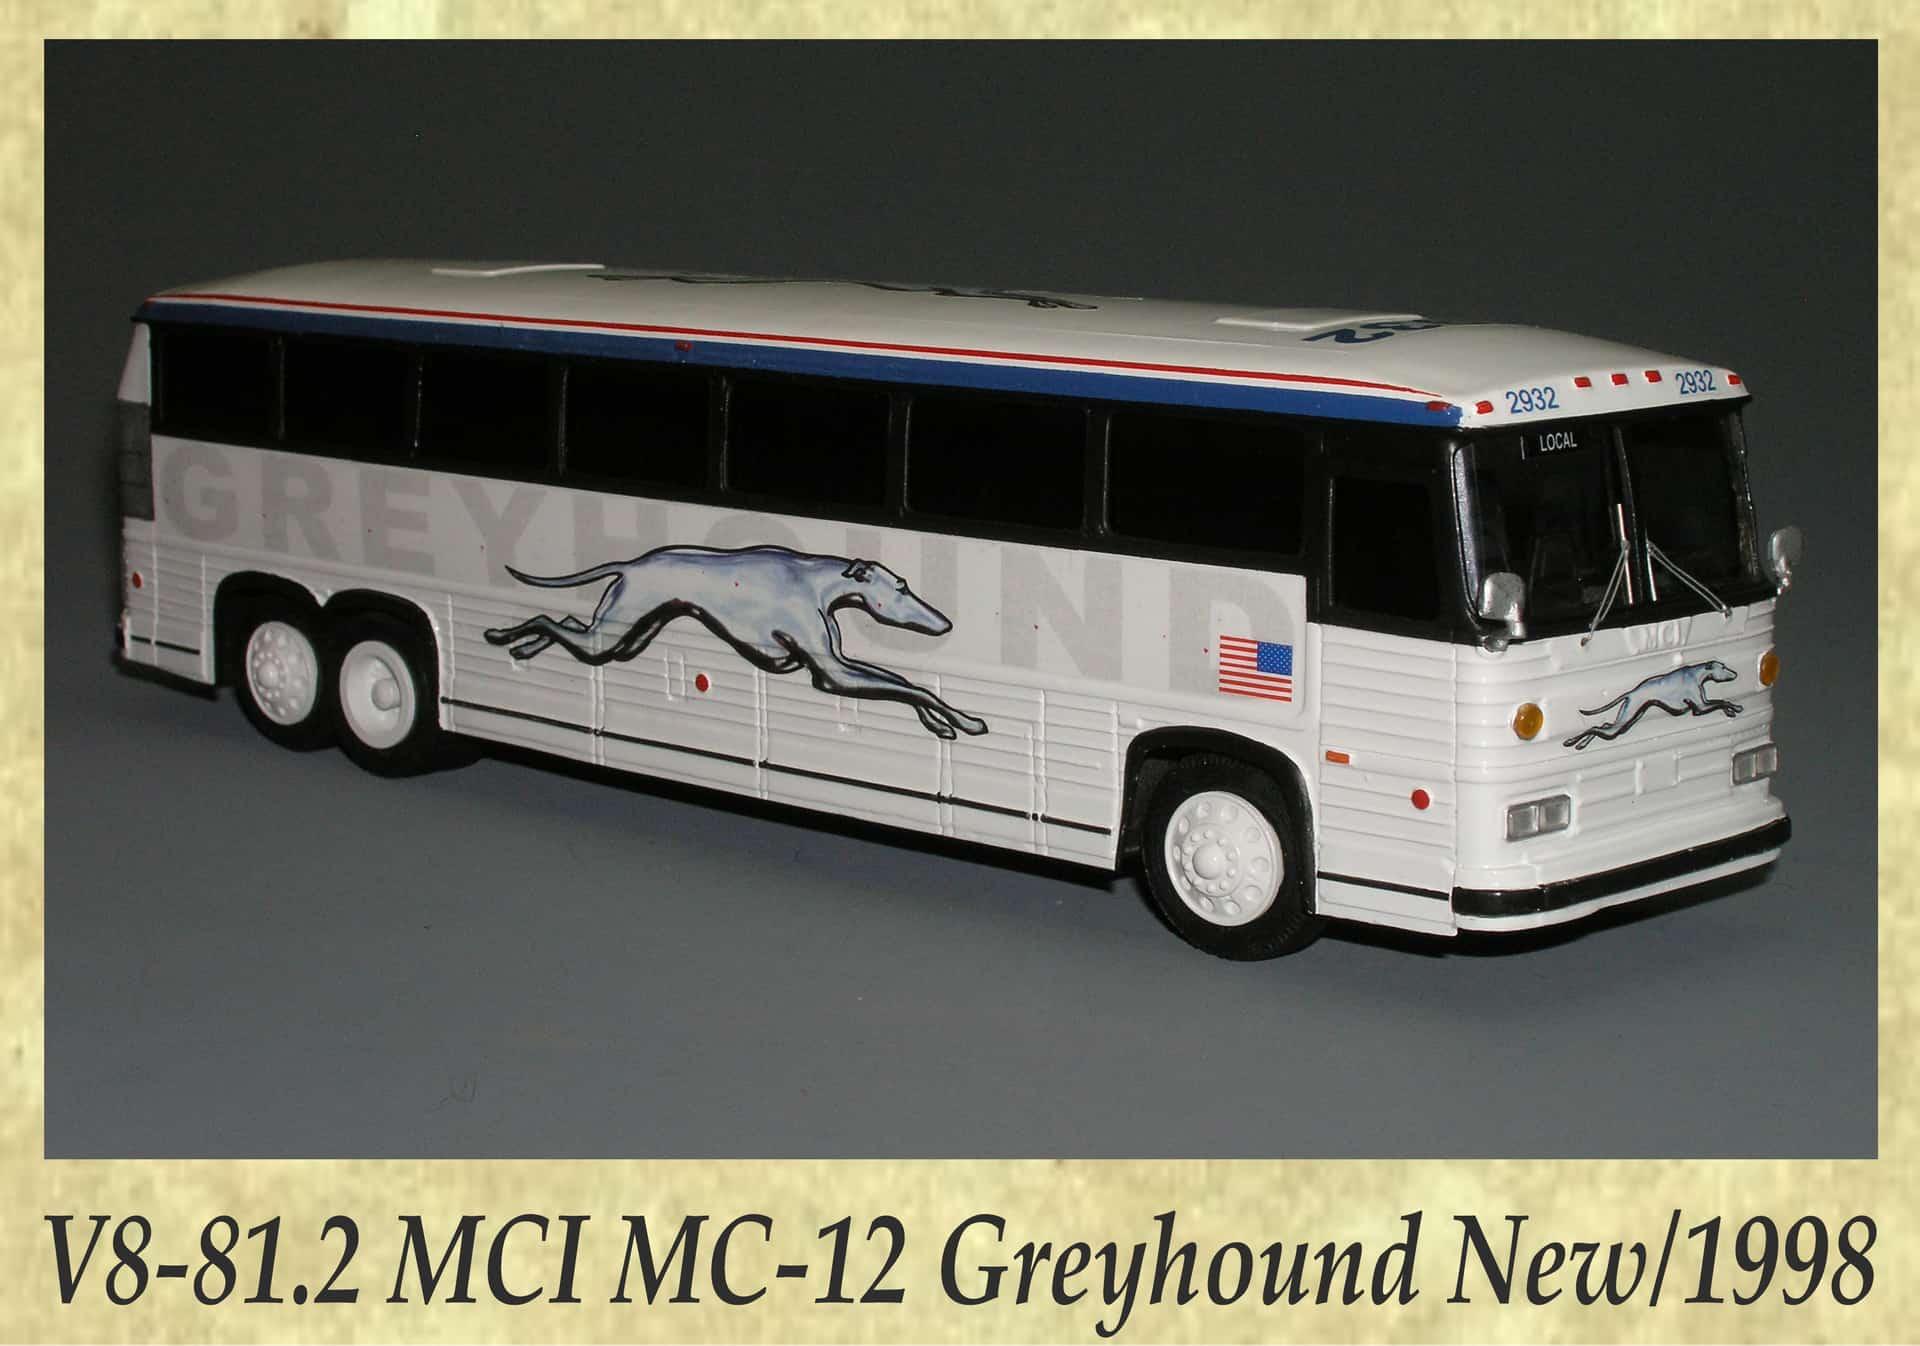 V8-81.2 MCI MC-12 Greyhound New 1998